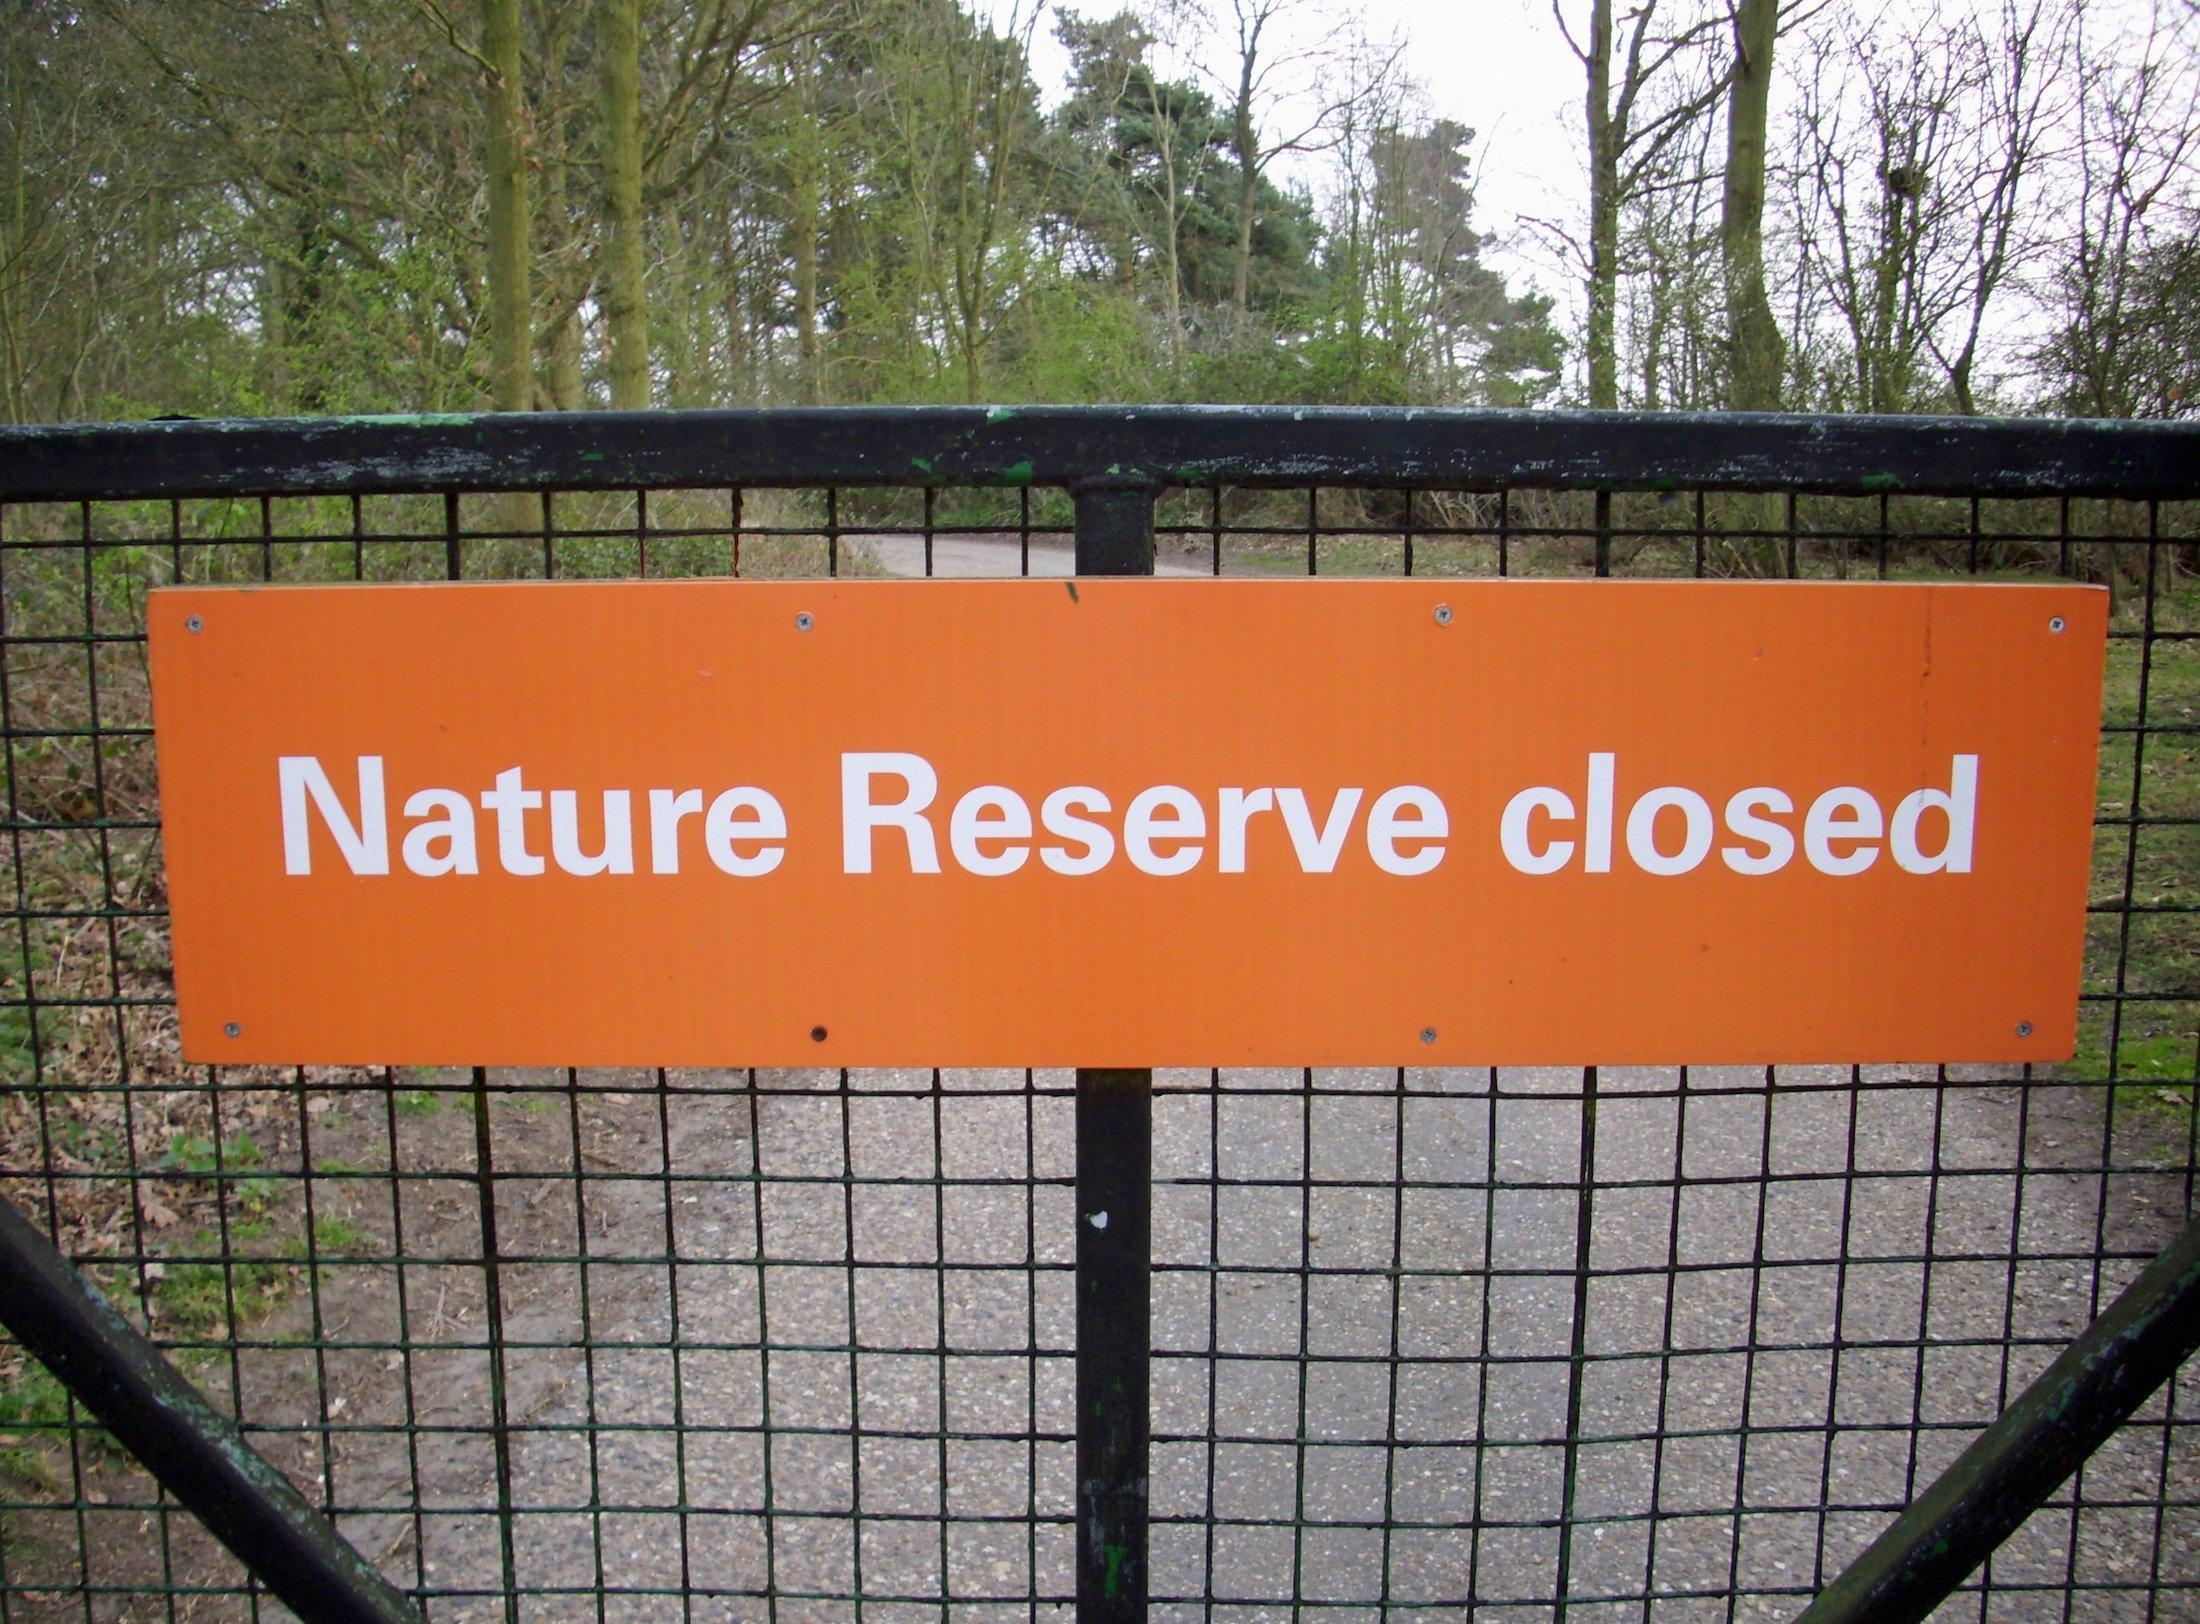 """Das Bild zeigt ein Schild mit der Aufschrift """"Nature Reserve Closed"""" an einem Metallzaun vor einem Wald."""